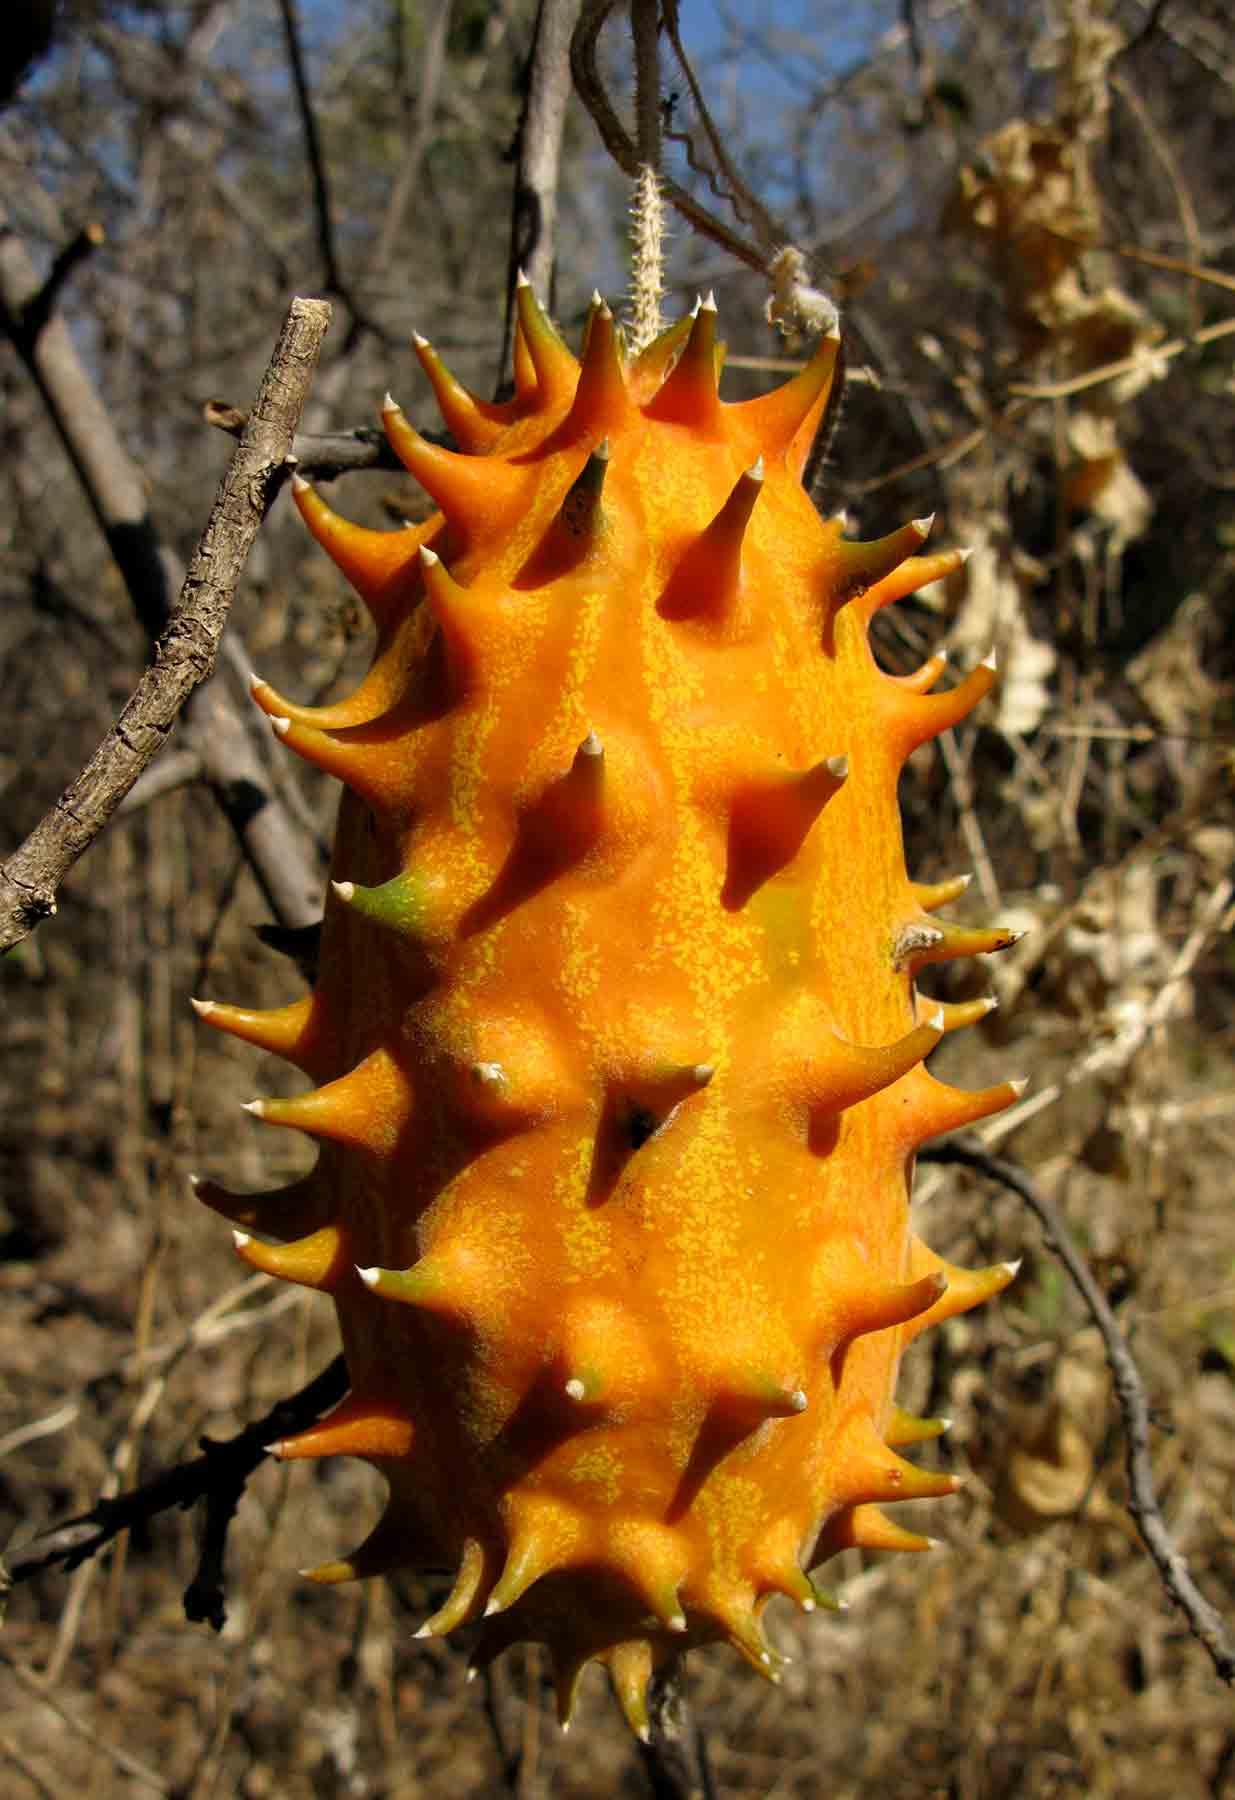 Cucumis metuliferus